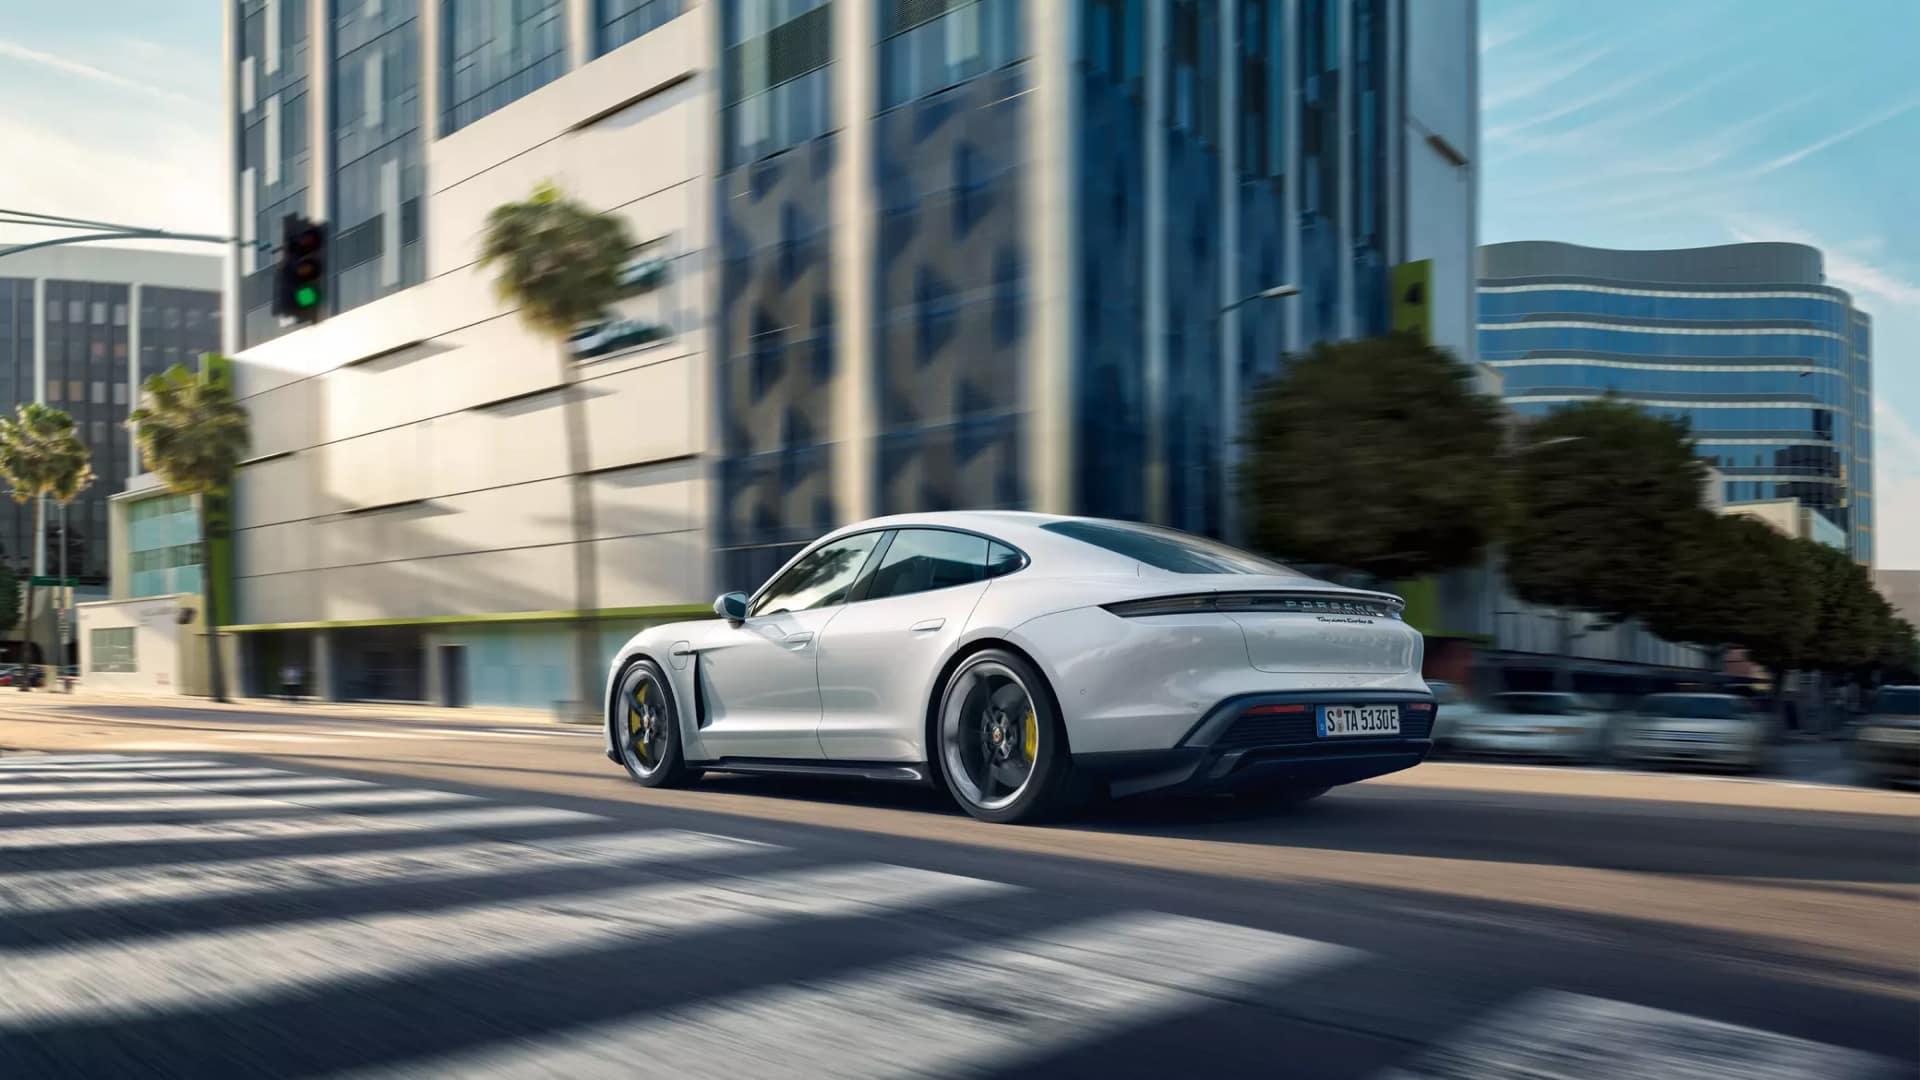 2020 Porsche Taycan Safety